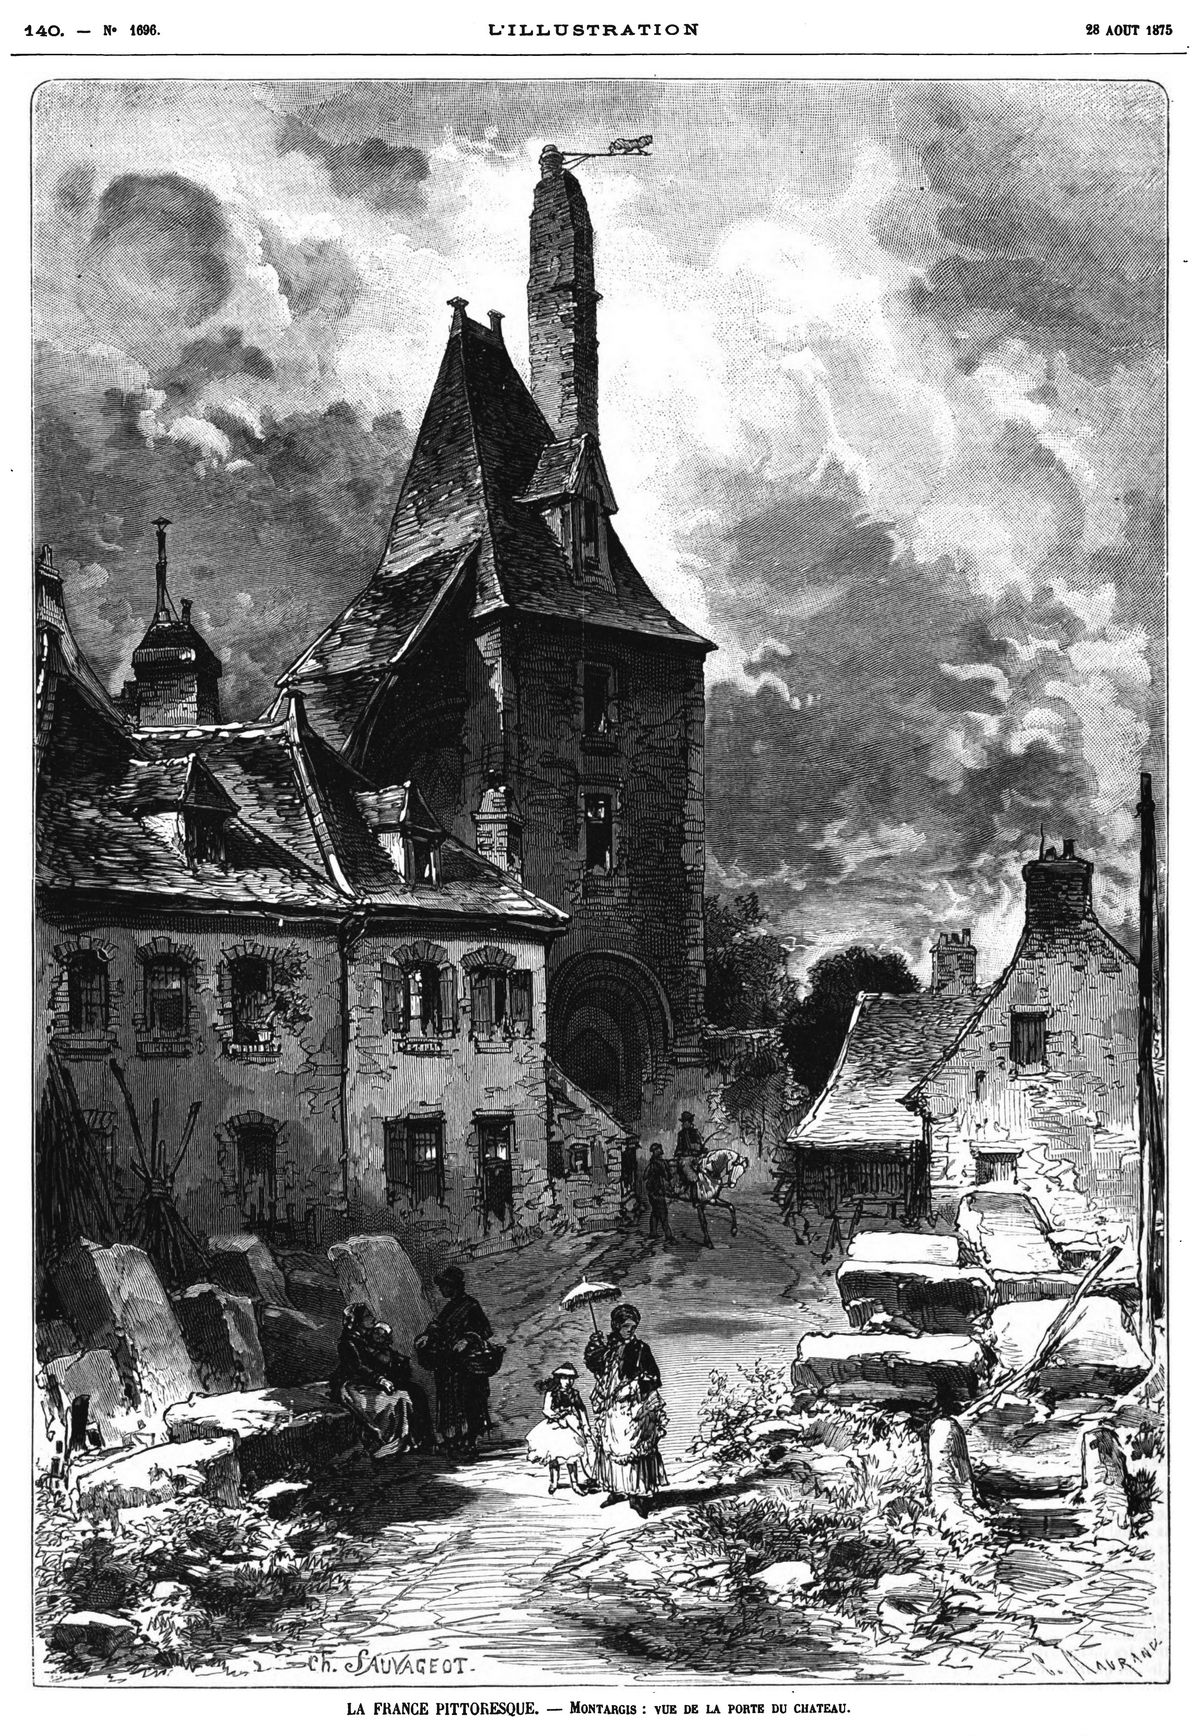 La France pittoresque : Montargis ; vue de la porte du château. 1875